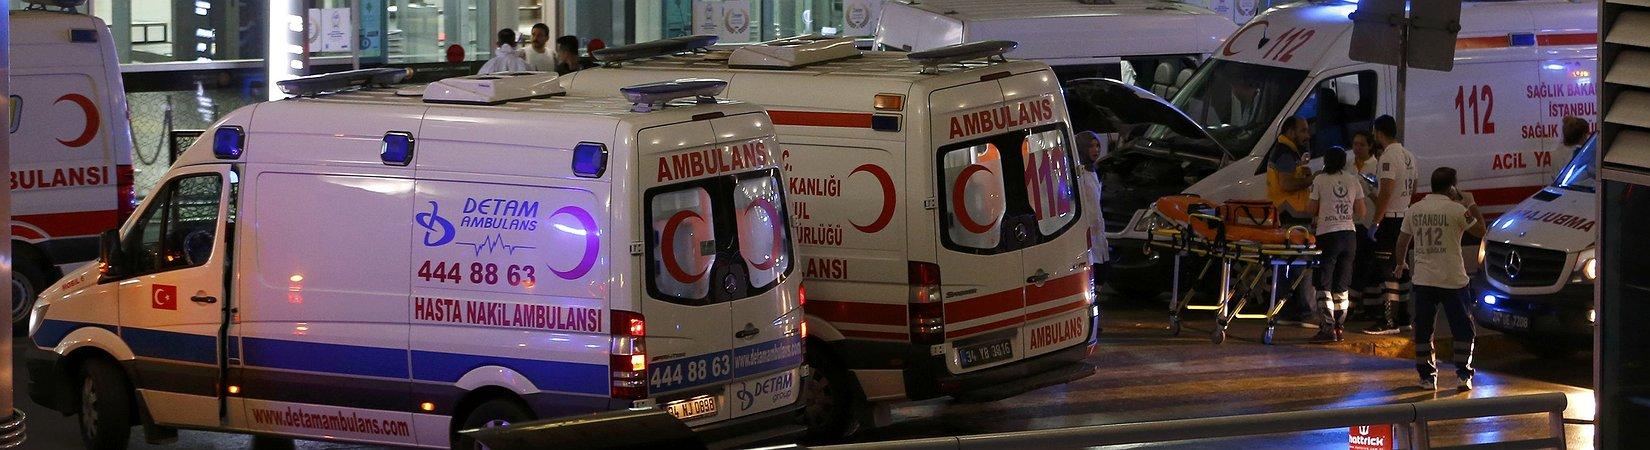 Dos explosiones y un tiroteo en el aeropuerto Atatürk de Estambul